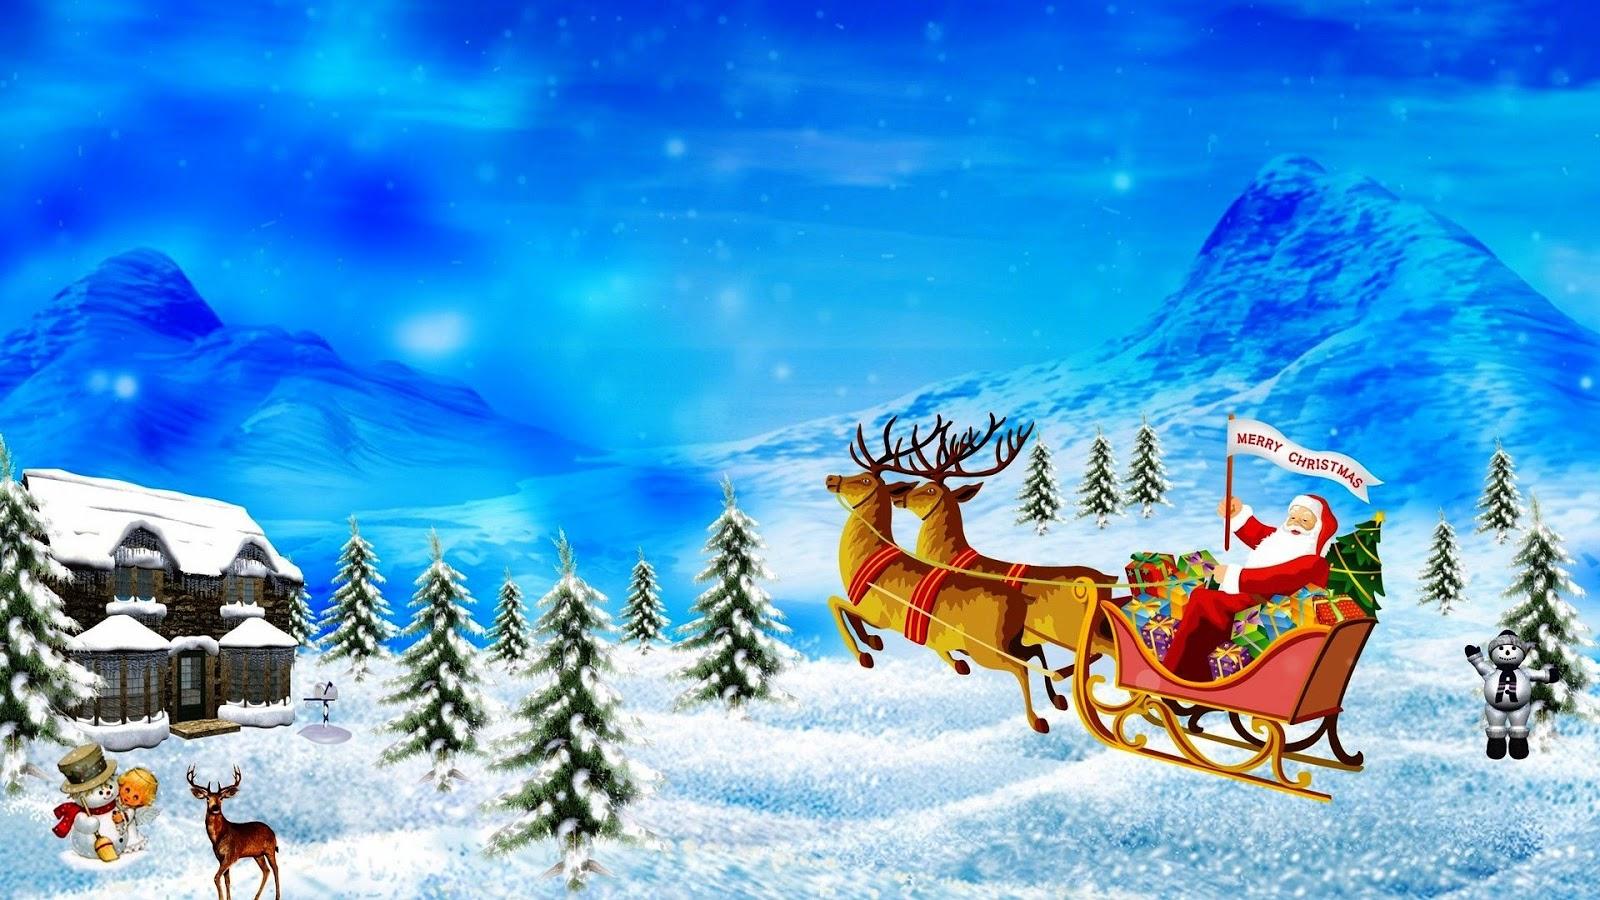 merry christmas 2014, merry christmas wallpaper: christmas